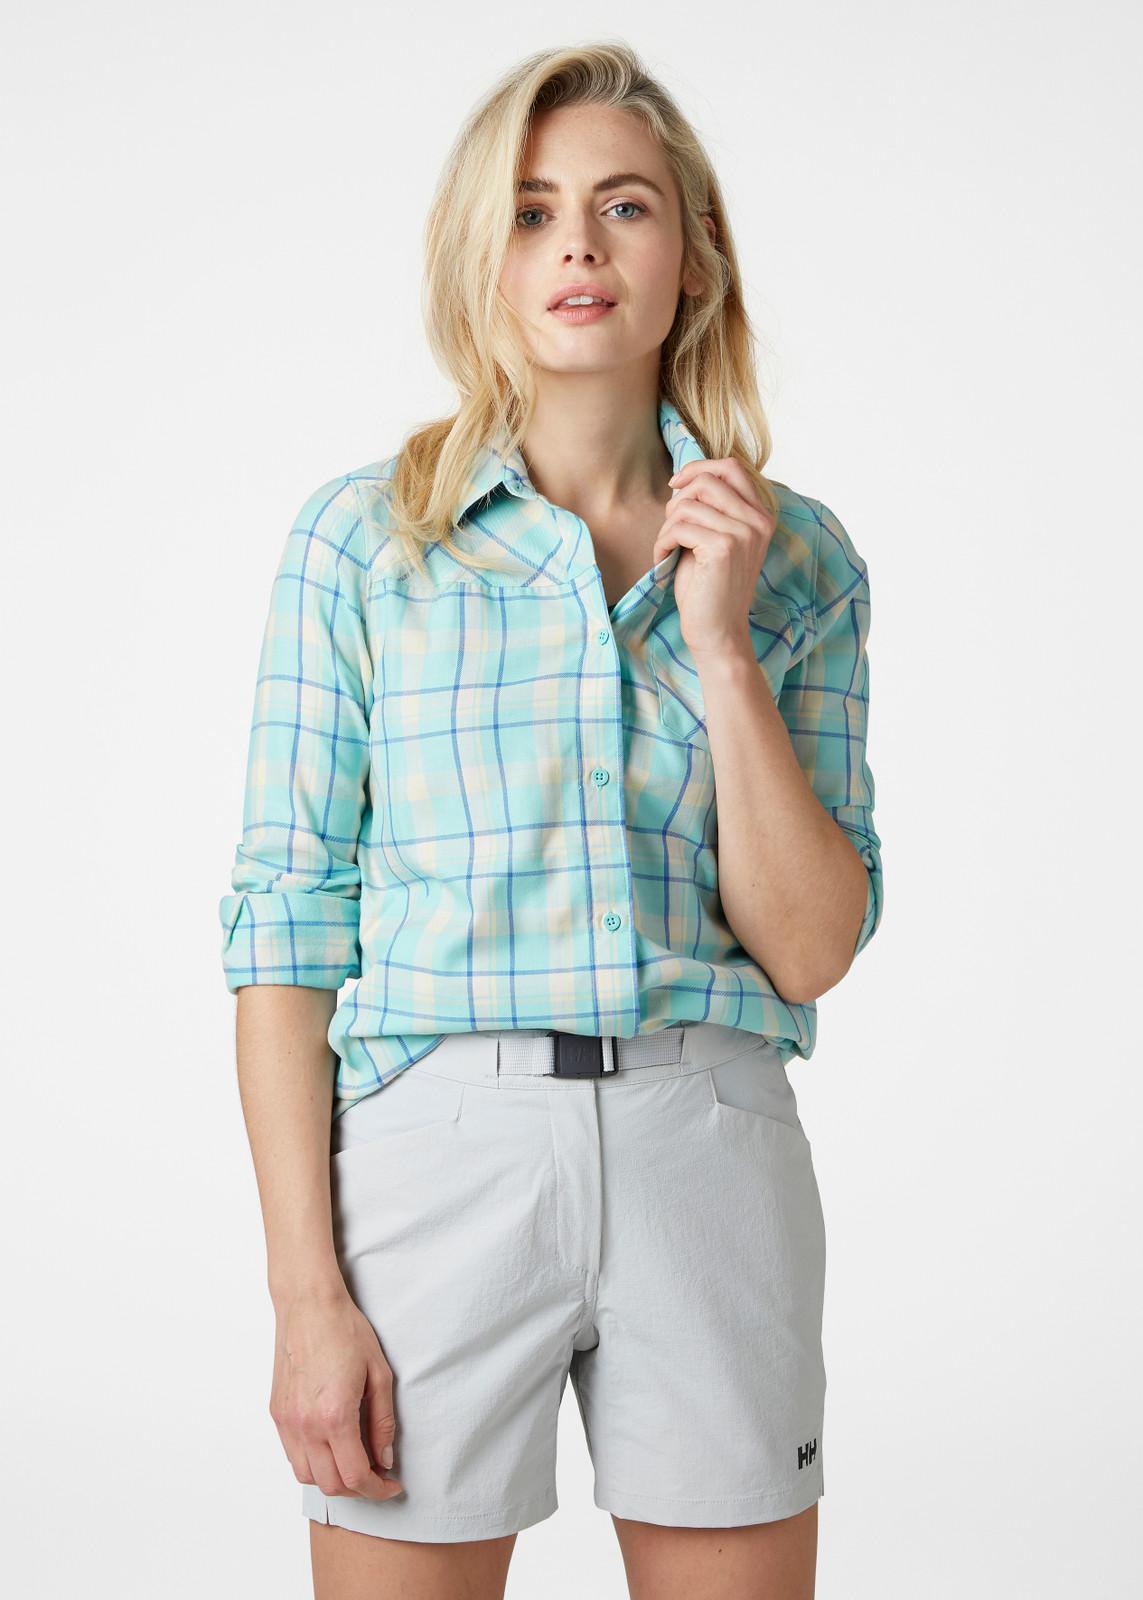 Helly Hansen Lokka LS Shirt, Women's - Glacier Blue, 62875-648 on model